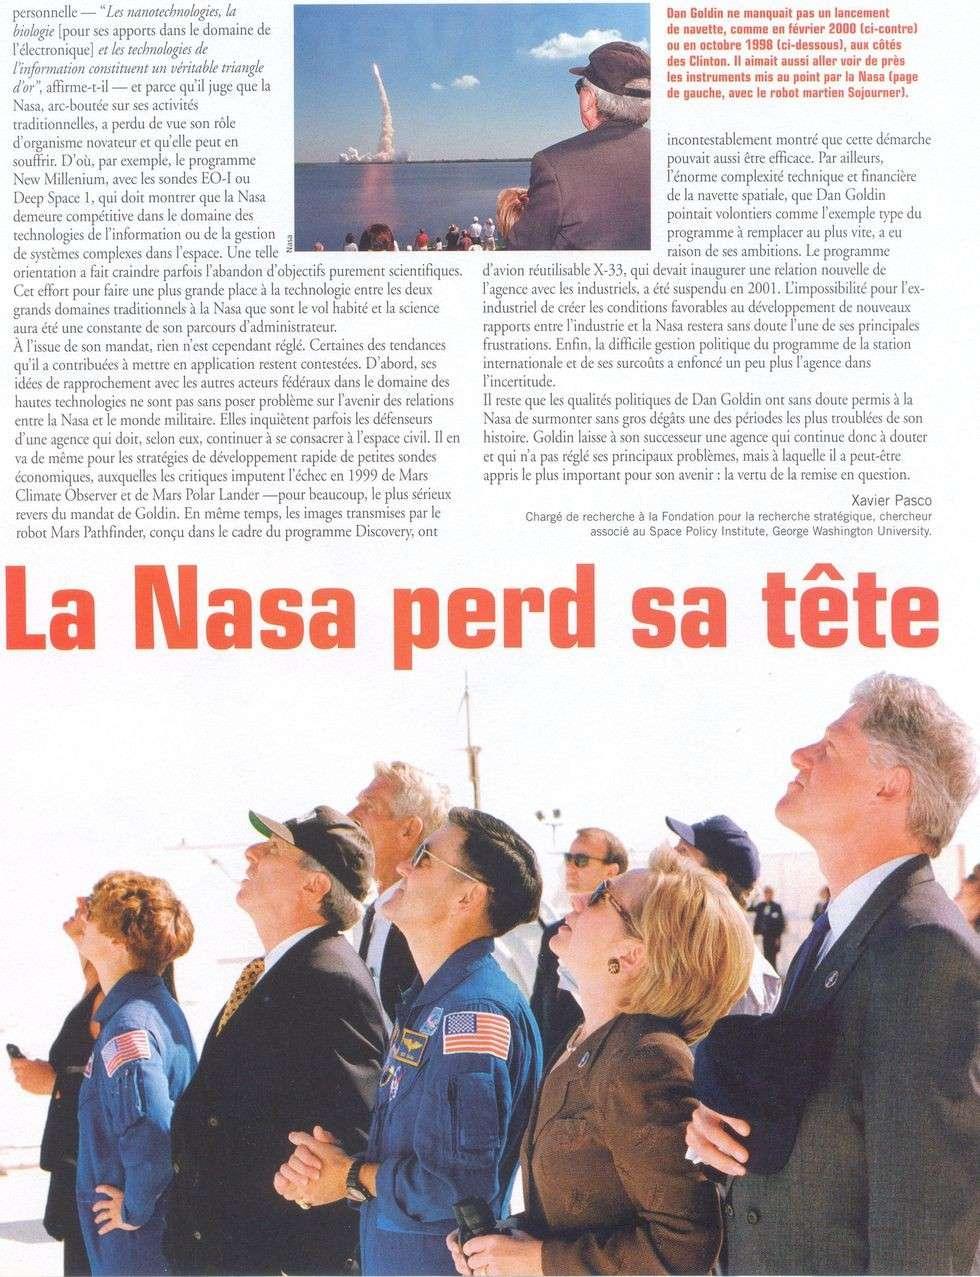 Grandeur et misère du programme spatial américain - Page 2 01120011